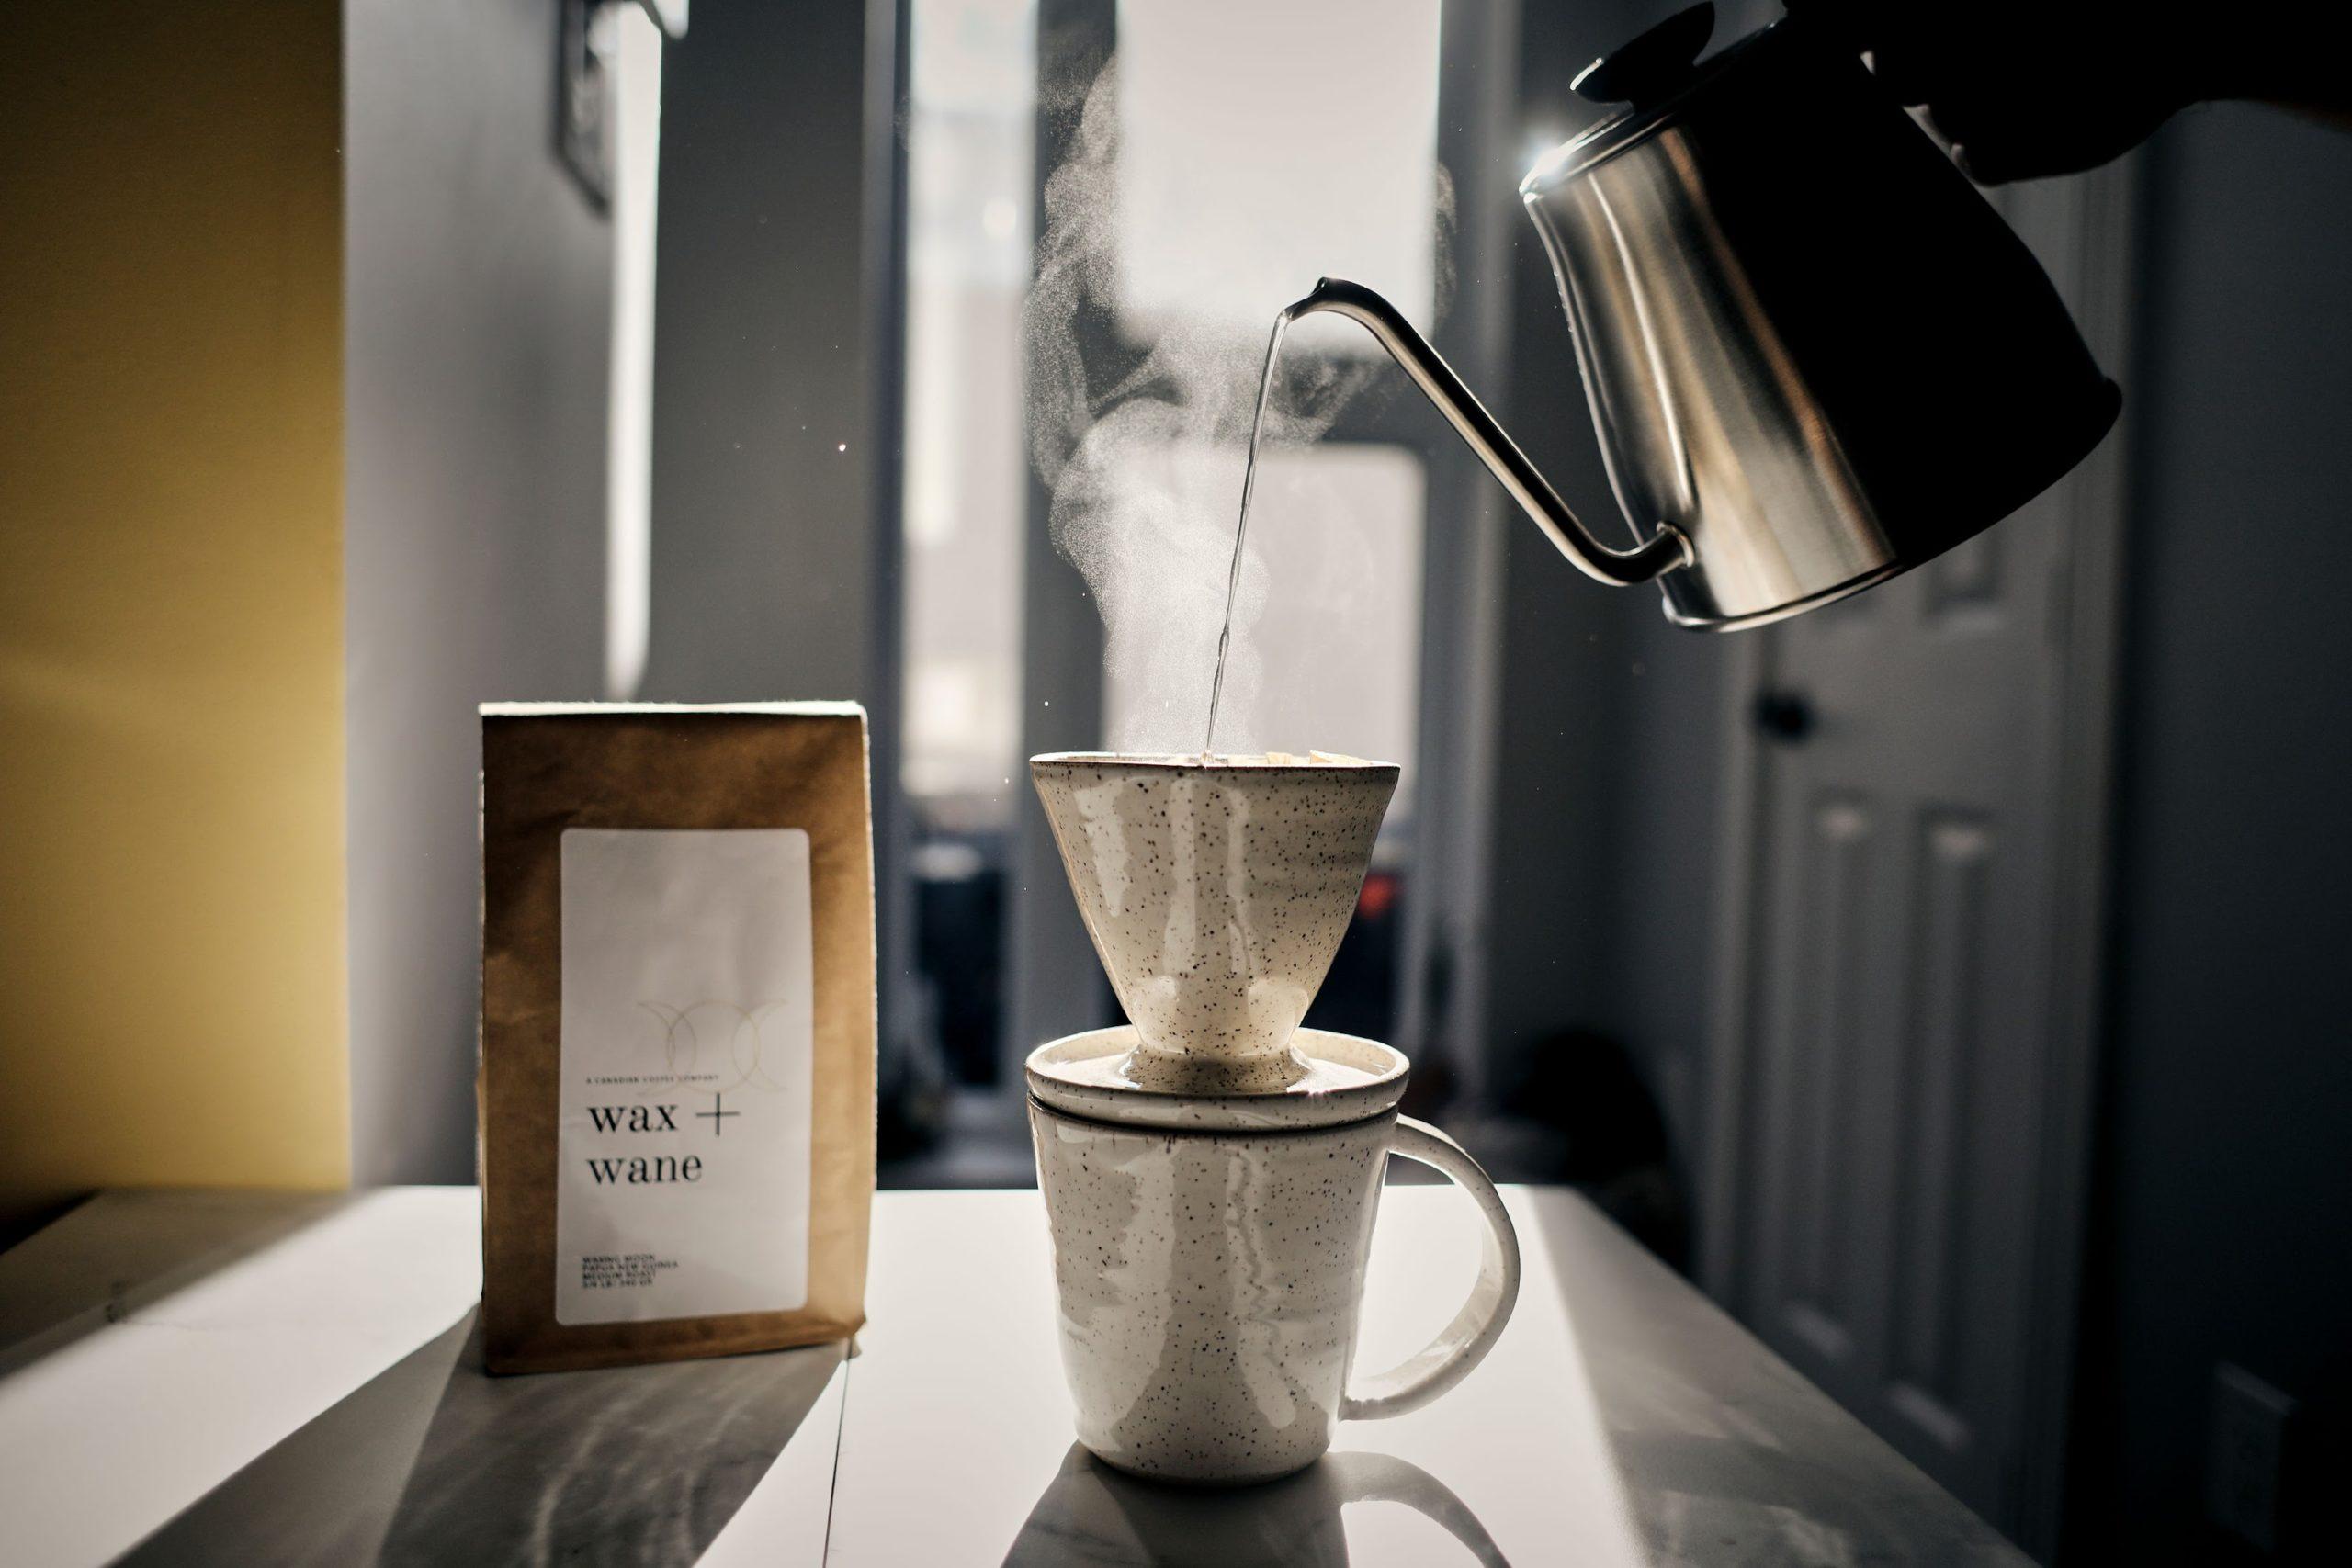 wax and wane coffee beans